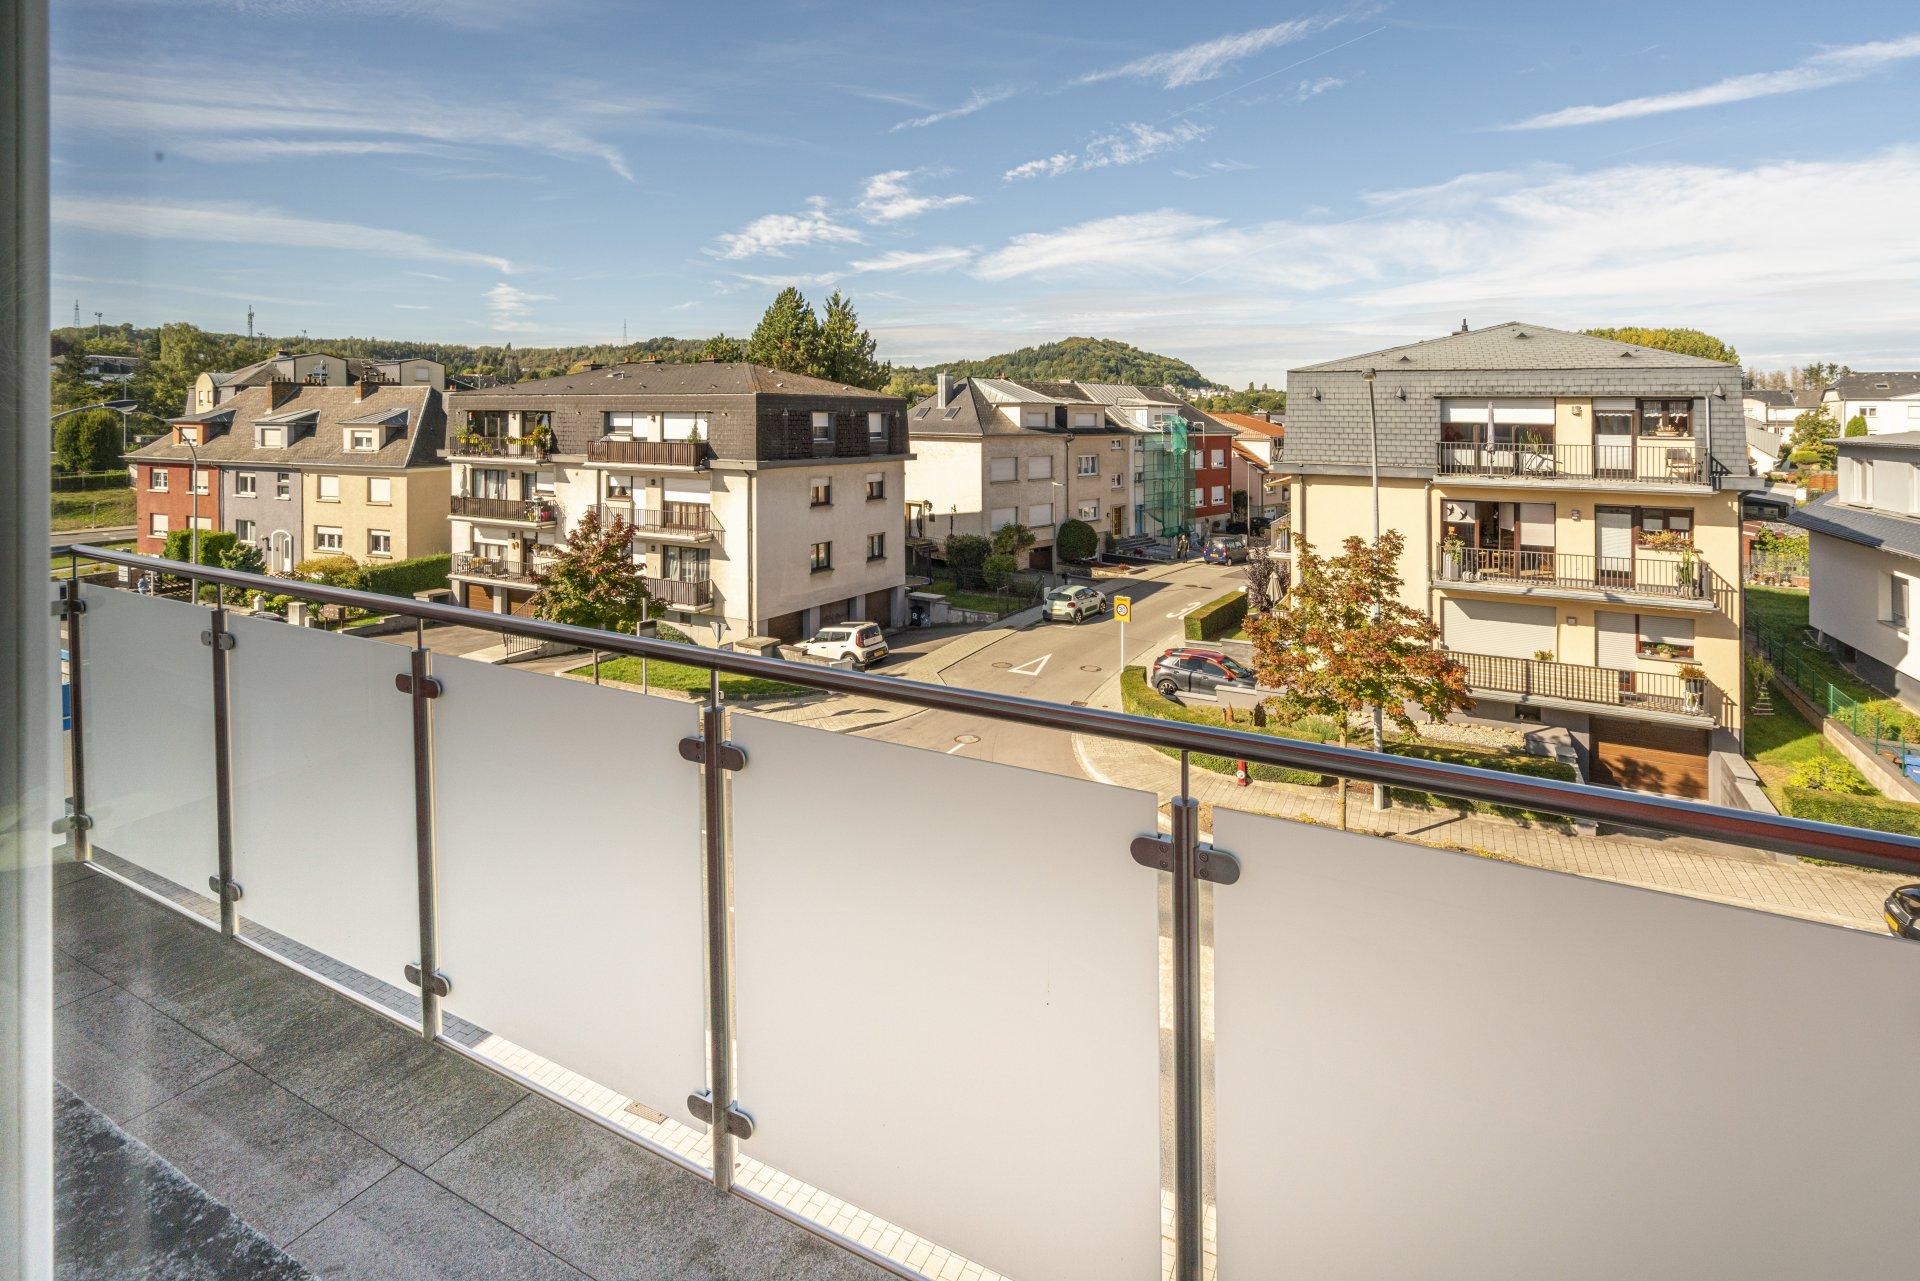 Verkauf Wohnung - Dudelange - Luxemburg